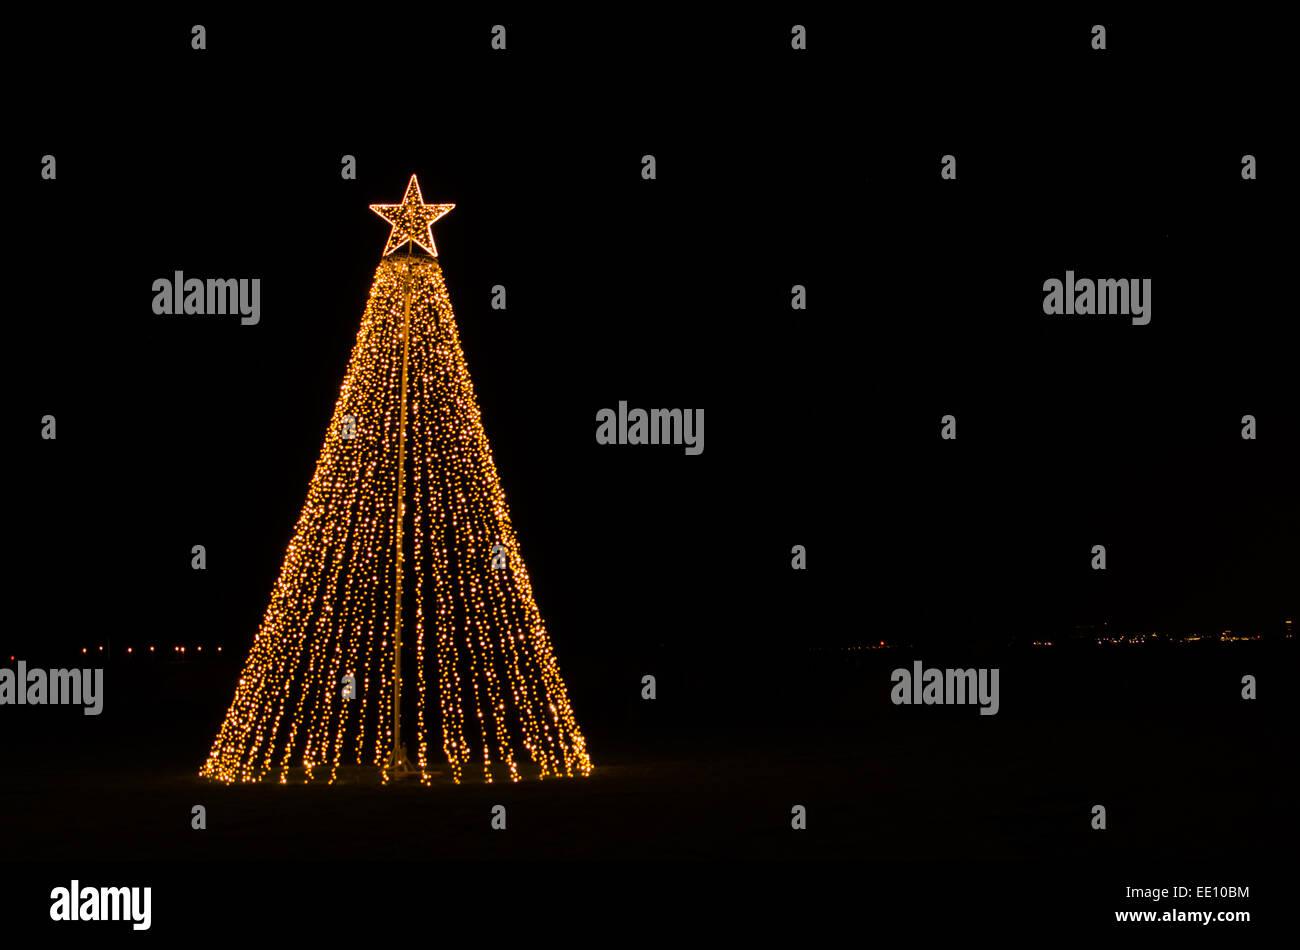 Outdoor-Weihnachtsbeleuchtung in Form eines Weihnachtsbaumes mit einem Stern auf der Spitze Stockbild